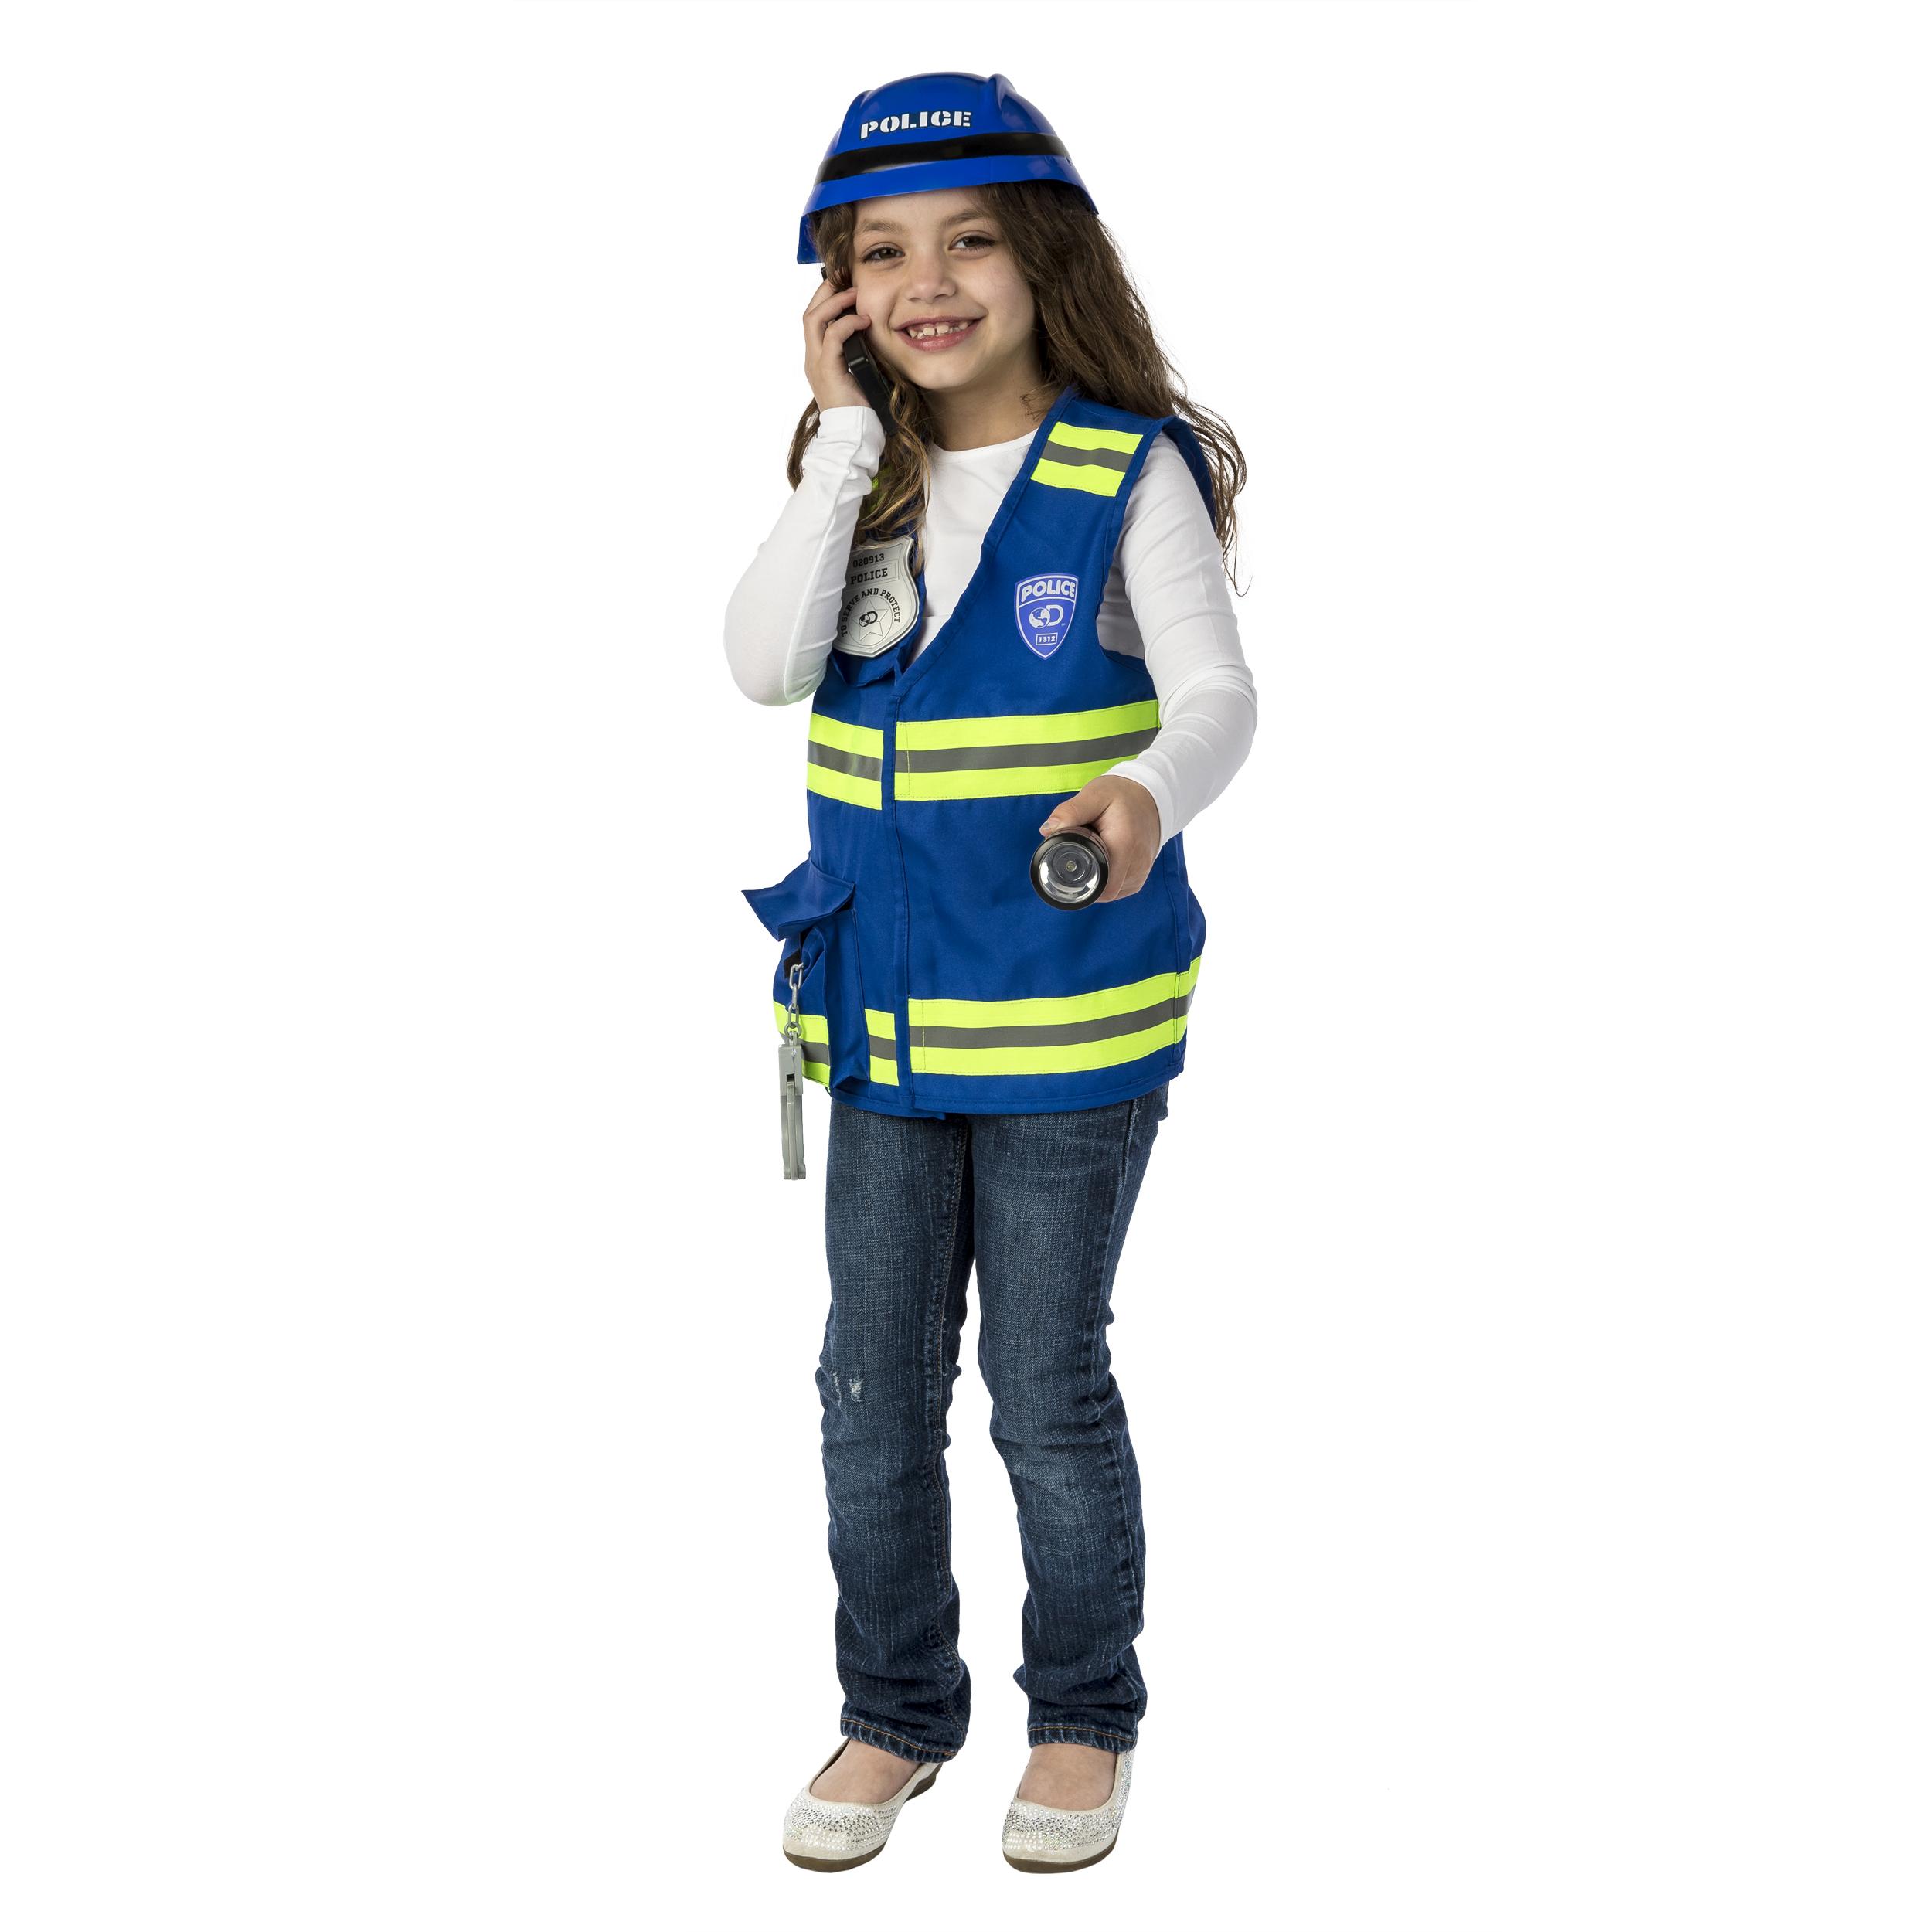 Kids Police Officer Costume Polizist Kinder Kostm Polizei